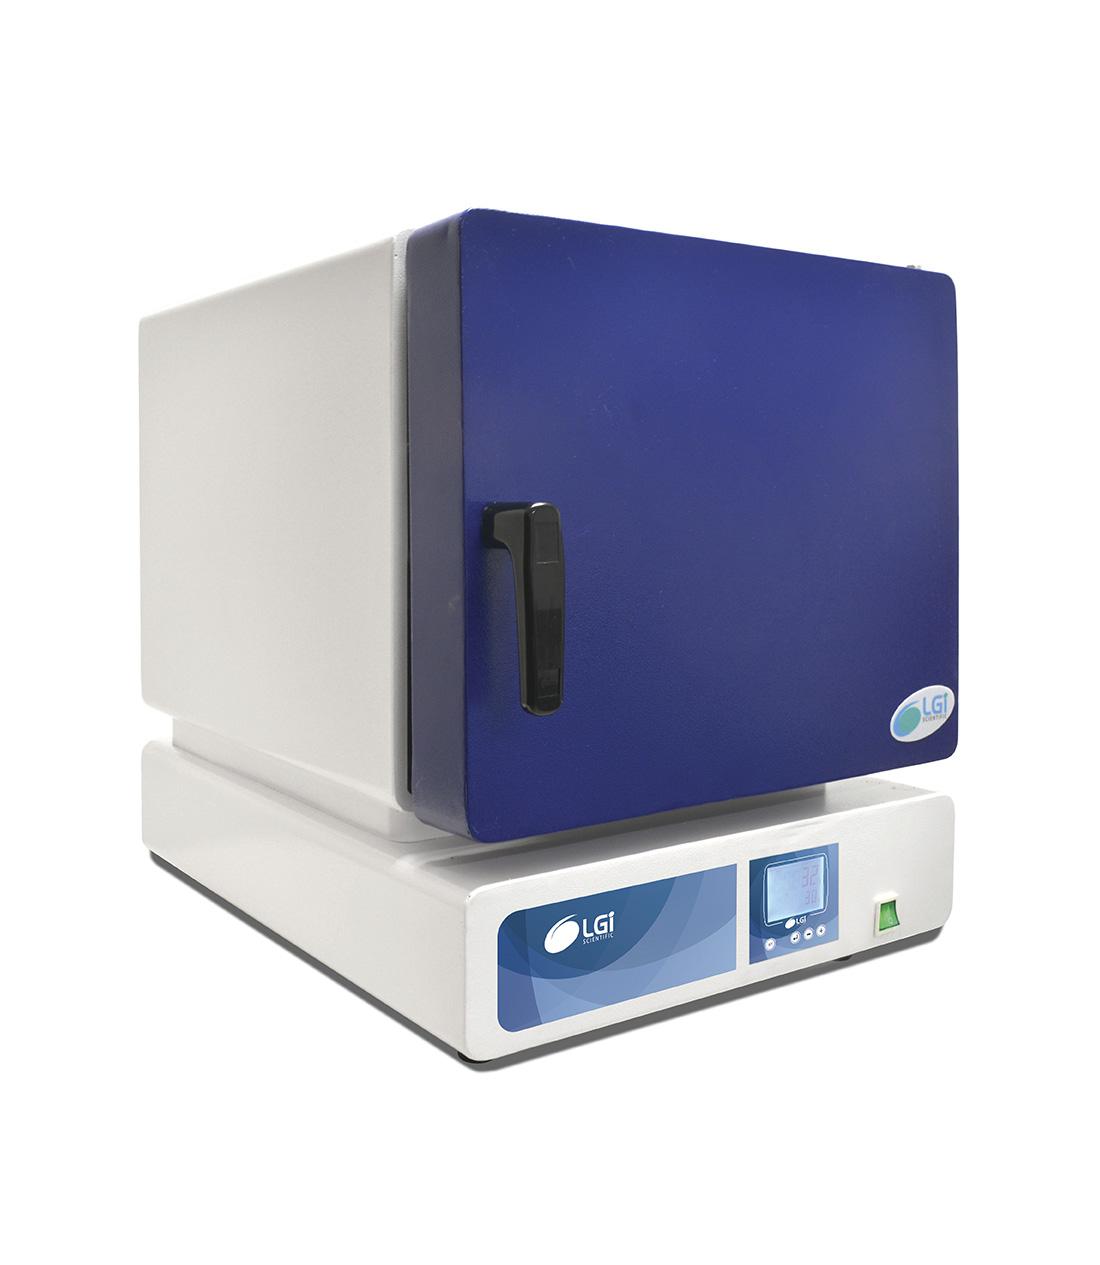 FORNO MUFLA - 16 L - LGI SCIENTIFIC - Cód. LGI-SX2-8-10